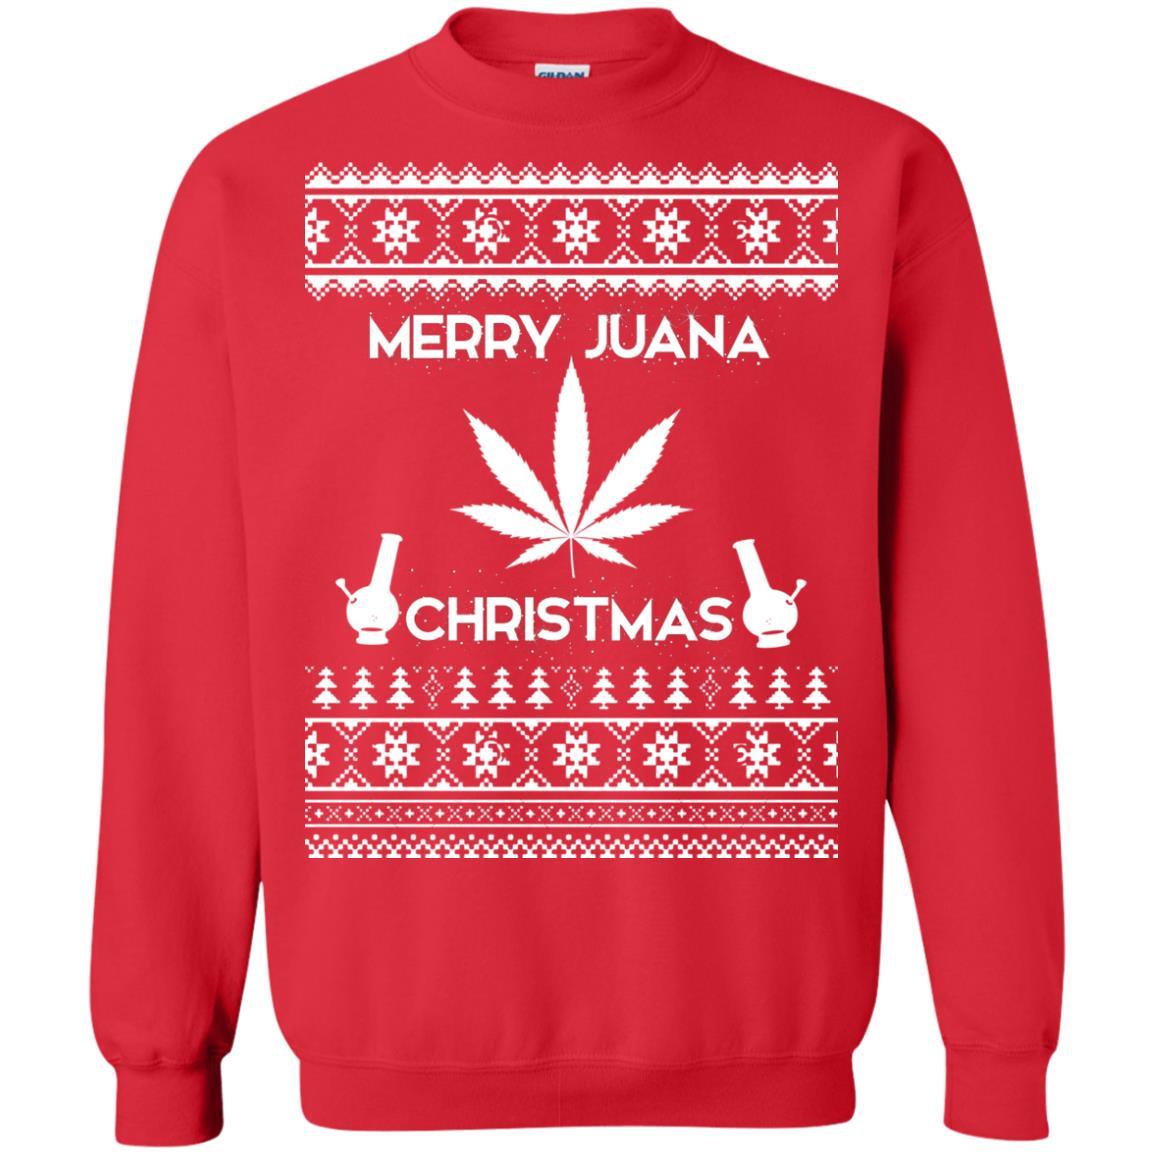 image 3892 - Merry Juana Weed Christmas Sweater, Ugly Sweatshirt